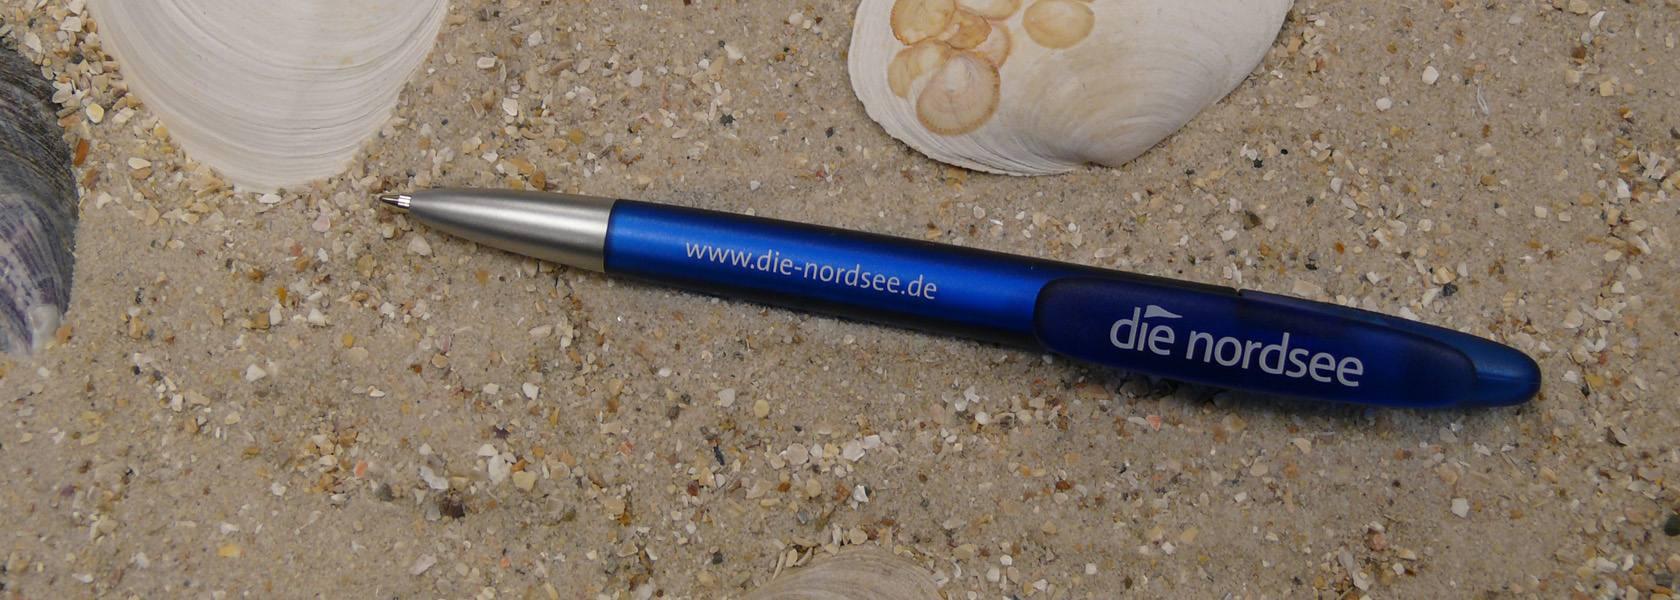 Nordsee Kugelschreiber, © Die Nordsee GmbH, Sina Schipp